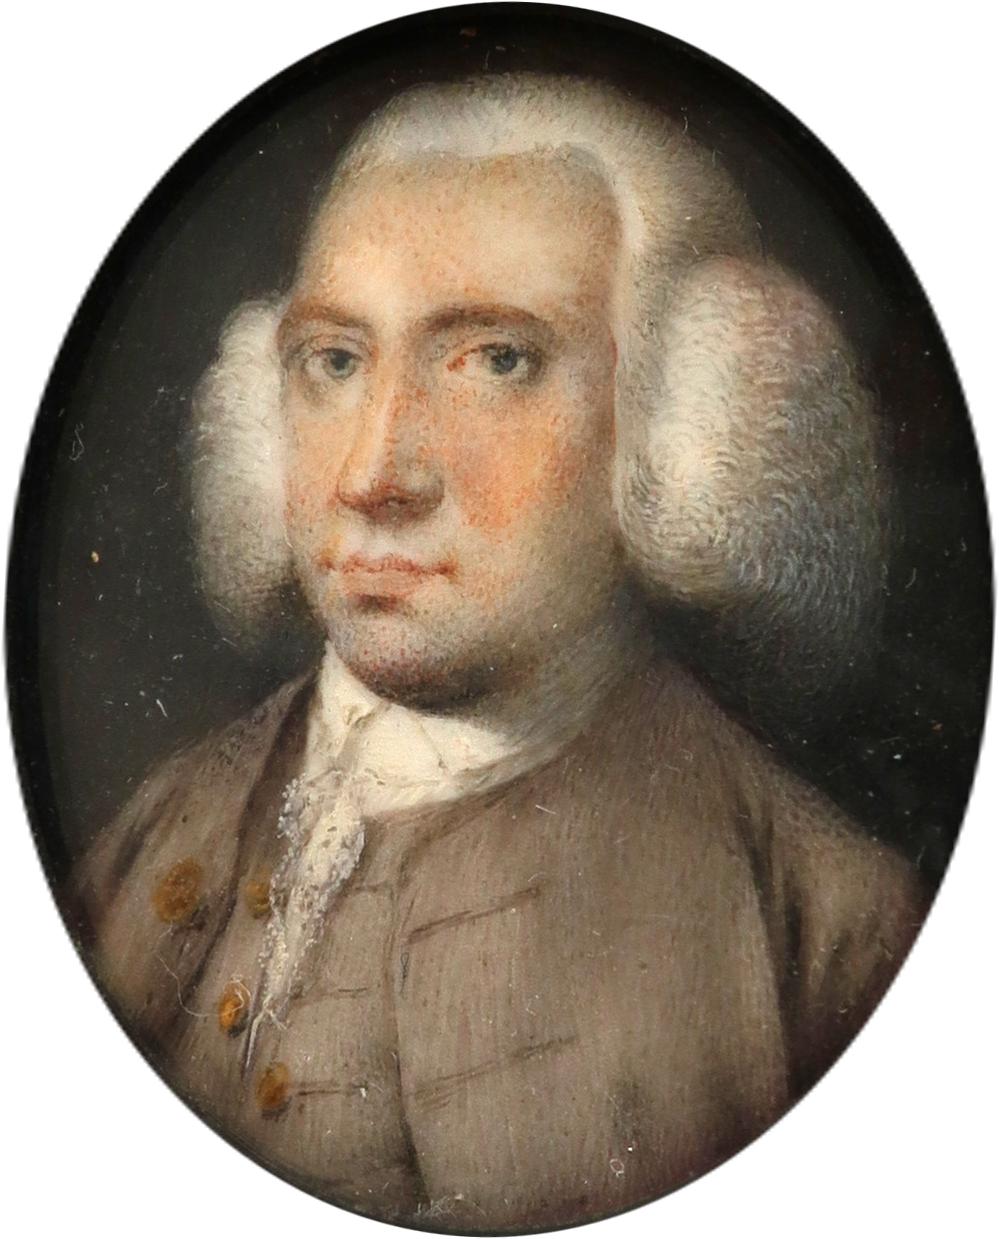 λAttributed to Robert Bowyer (1758-1834) Portrait miniature of a gentleman, wearing a grey coat